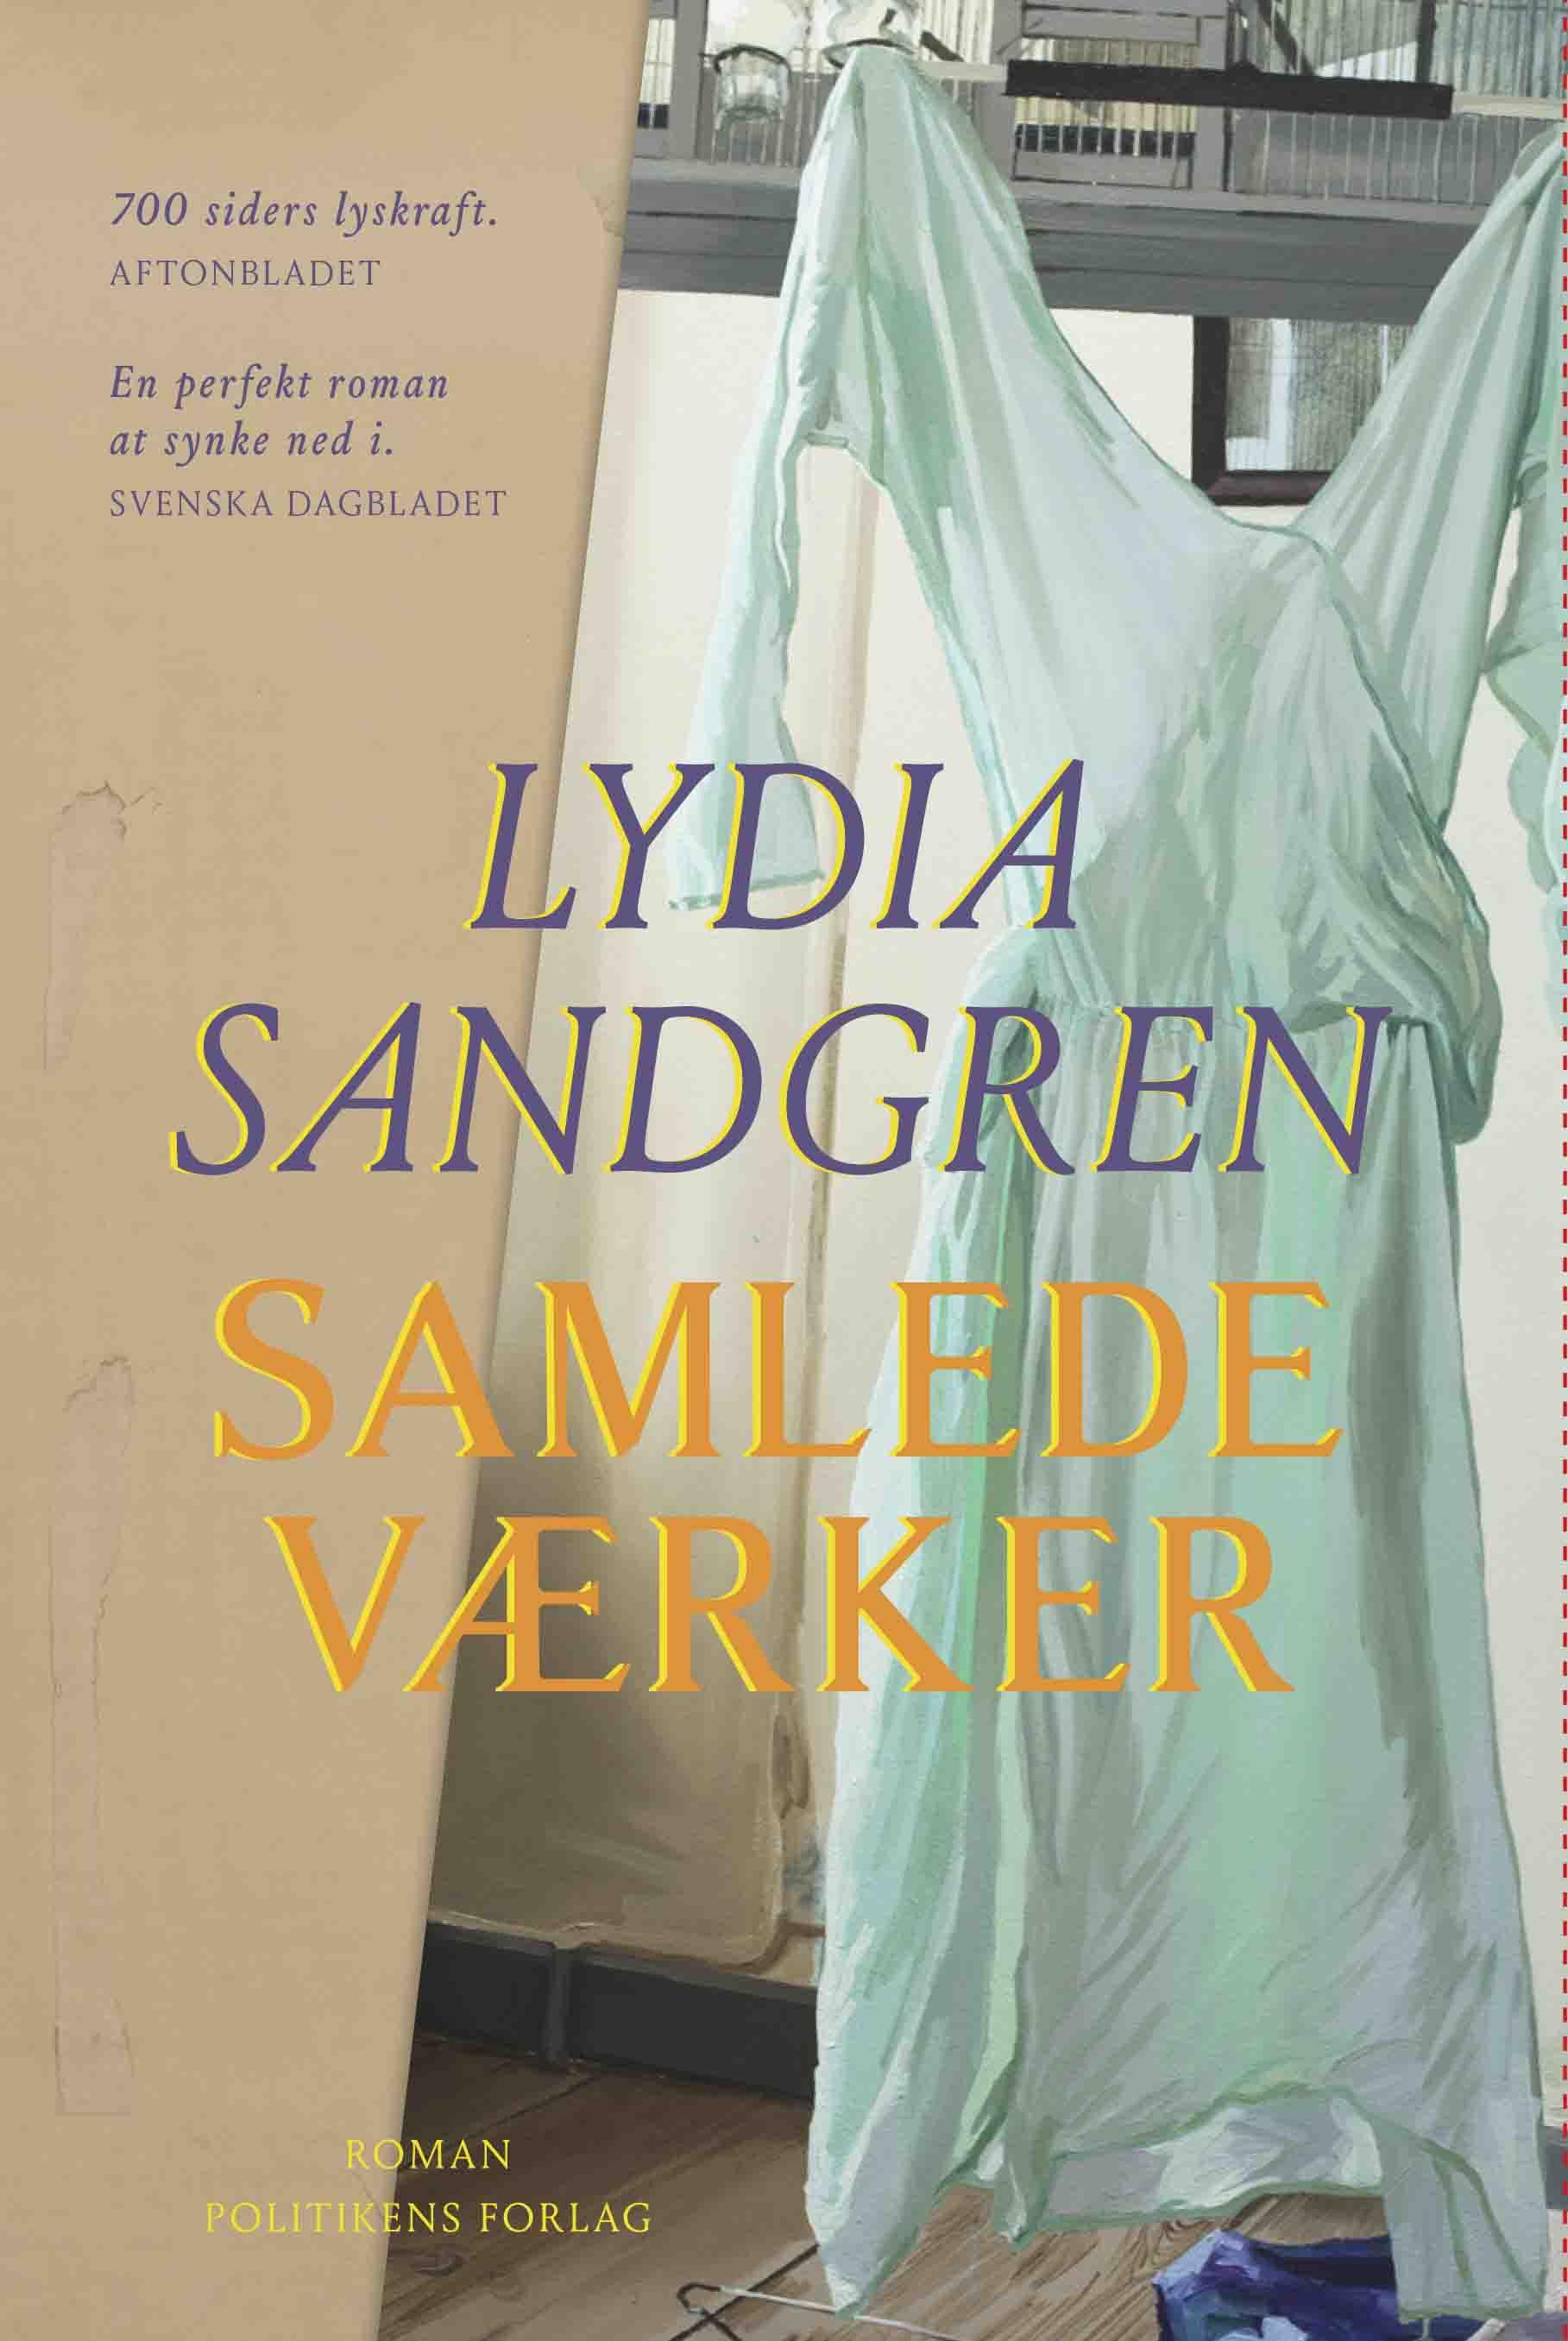 Samlede værker - Lydia Sandgren - Bøger - Politikens Forlag - 9788740066371 - March 29, 2021